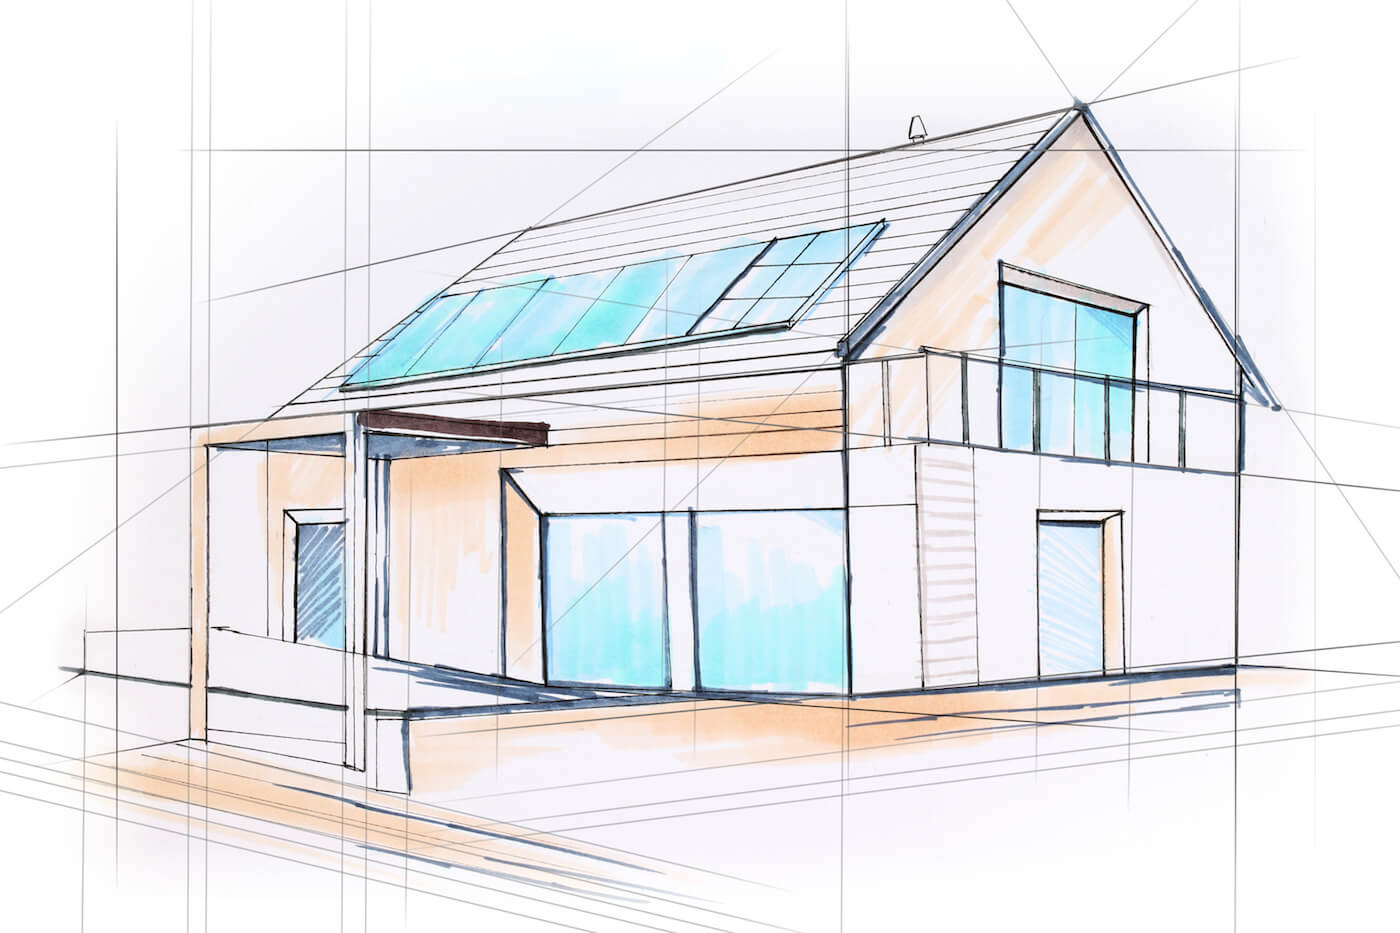 Skizze eines Hauses, denn Bleta ist von Beginn an Ihr perfekter Partner